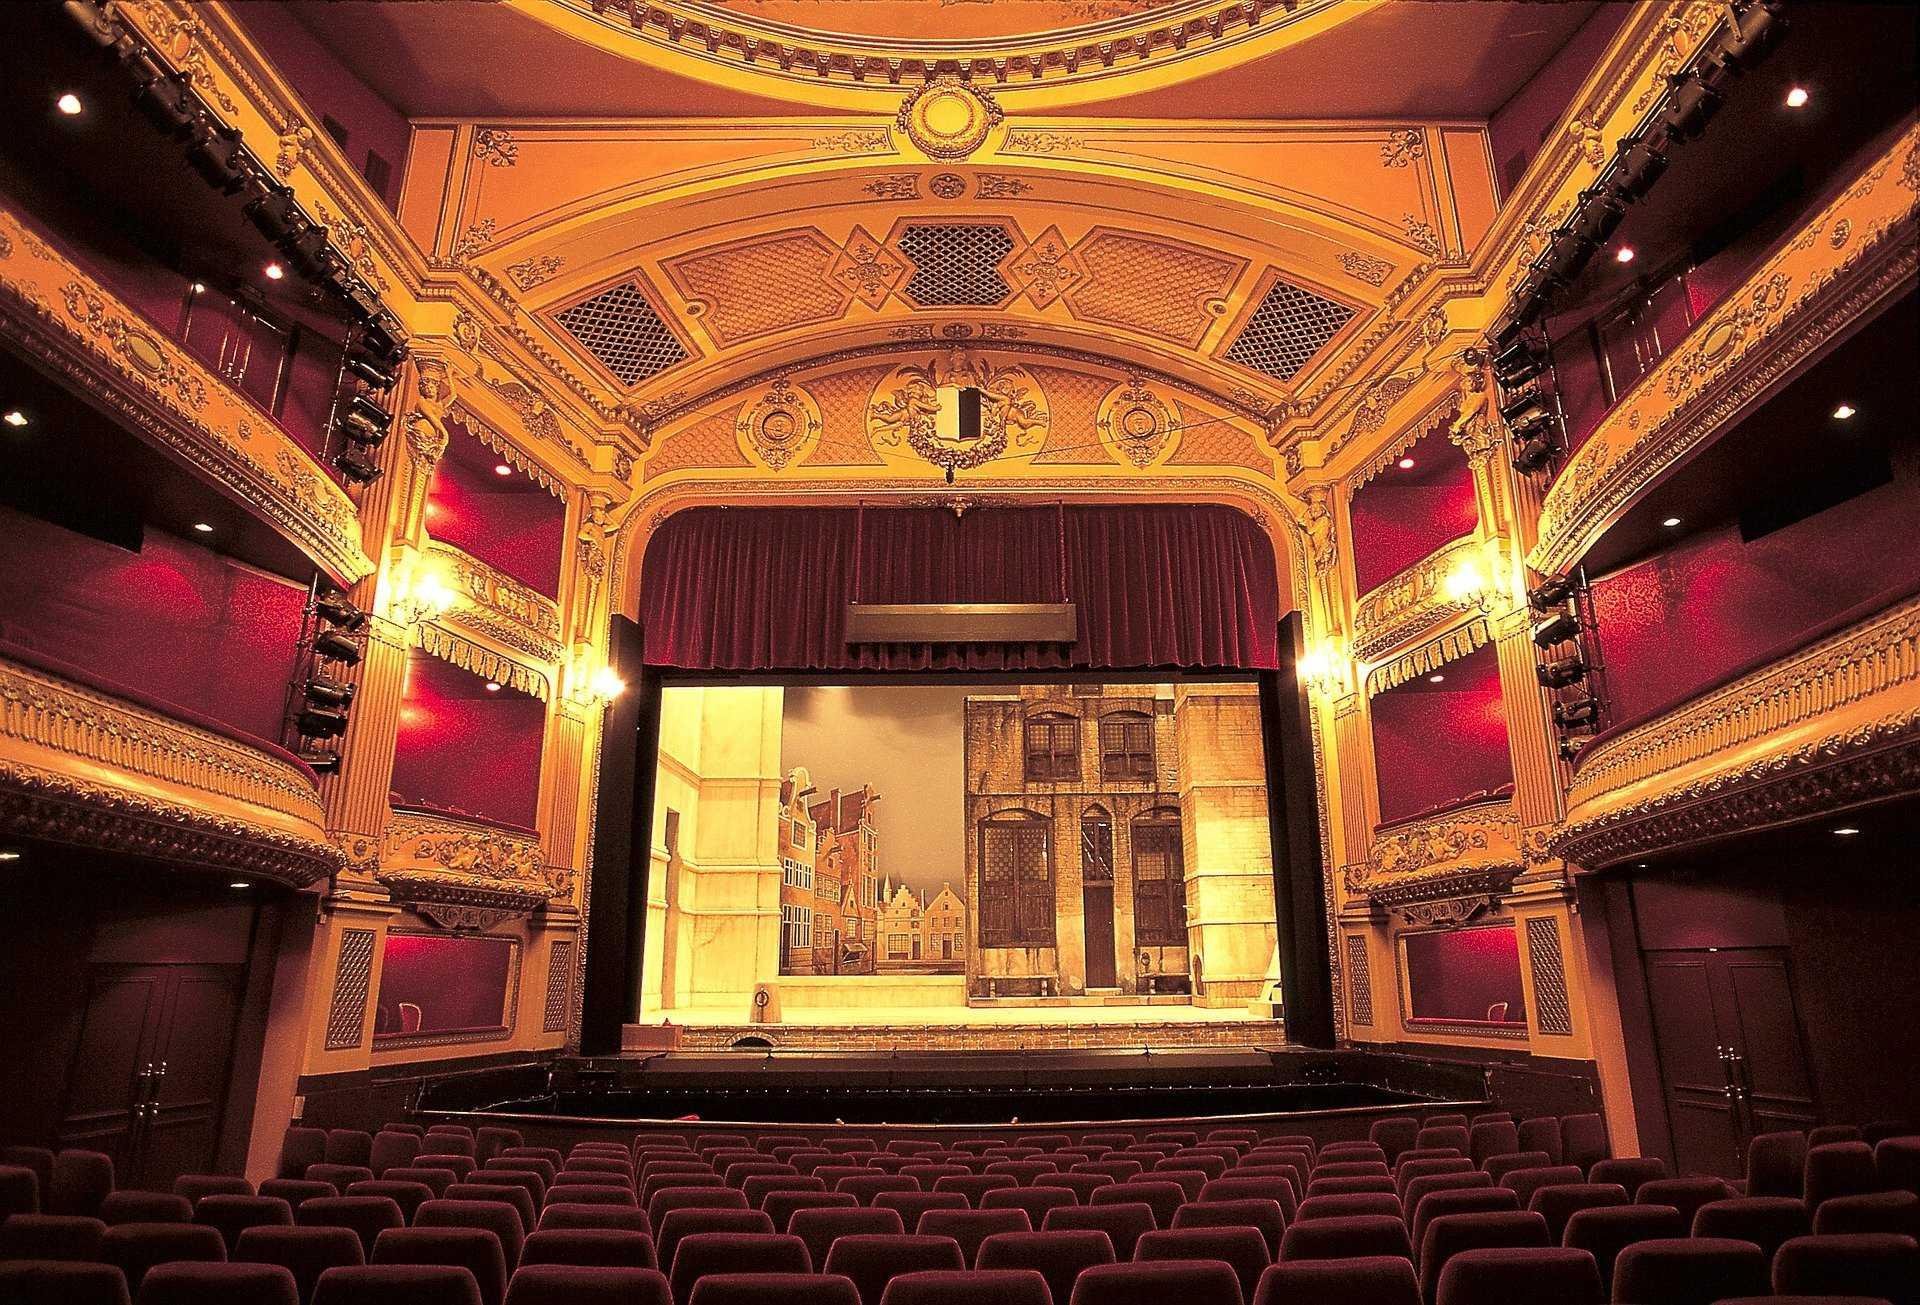 מופעי אופרה 2021 - כרטיסים, משתתפים, הנחות וכל הפרטים!